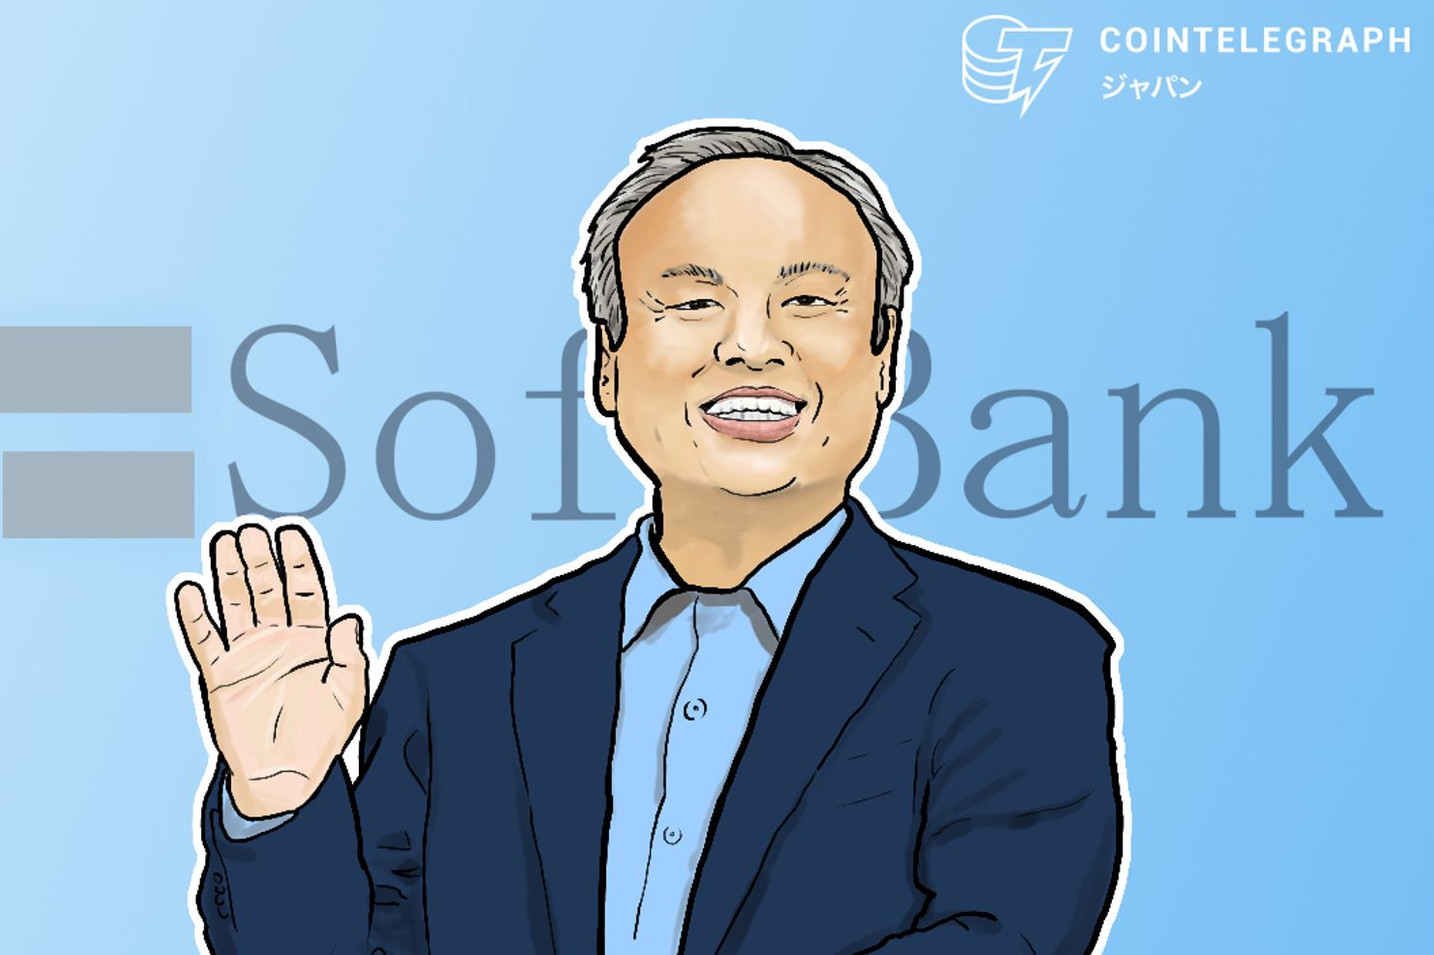 ソフトバンク孫社長、仮想通貨ビットコイン投資で145億円超の損失:WSJ「忍耐強い投資家という評判に傷ついた」